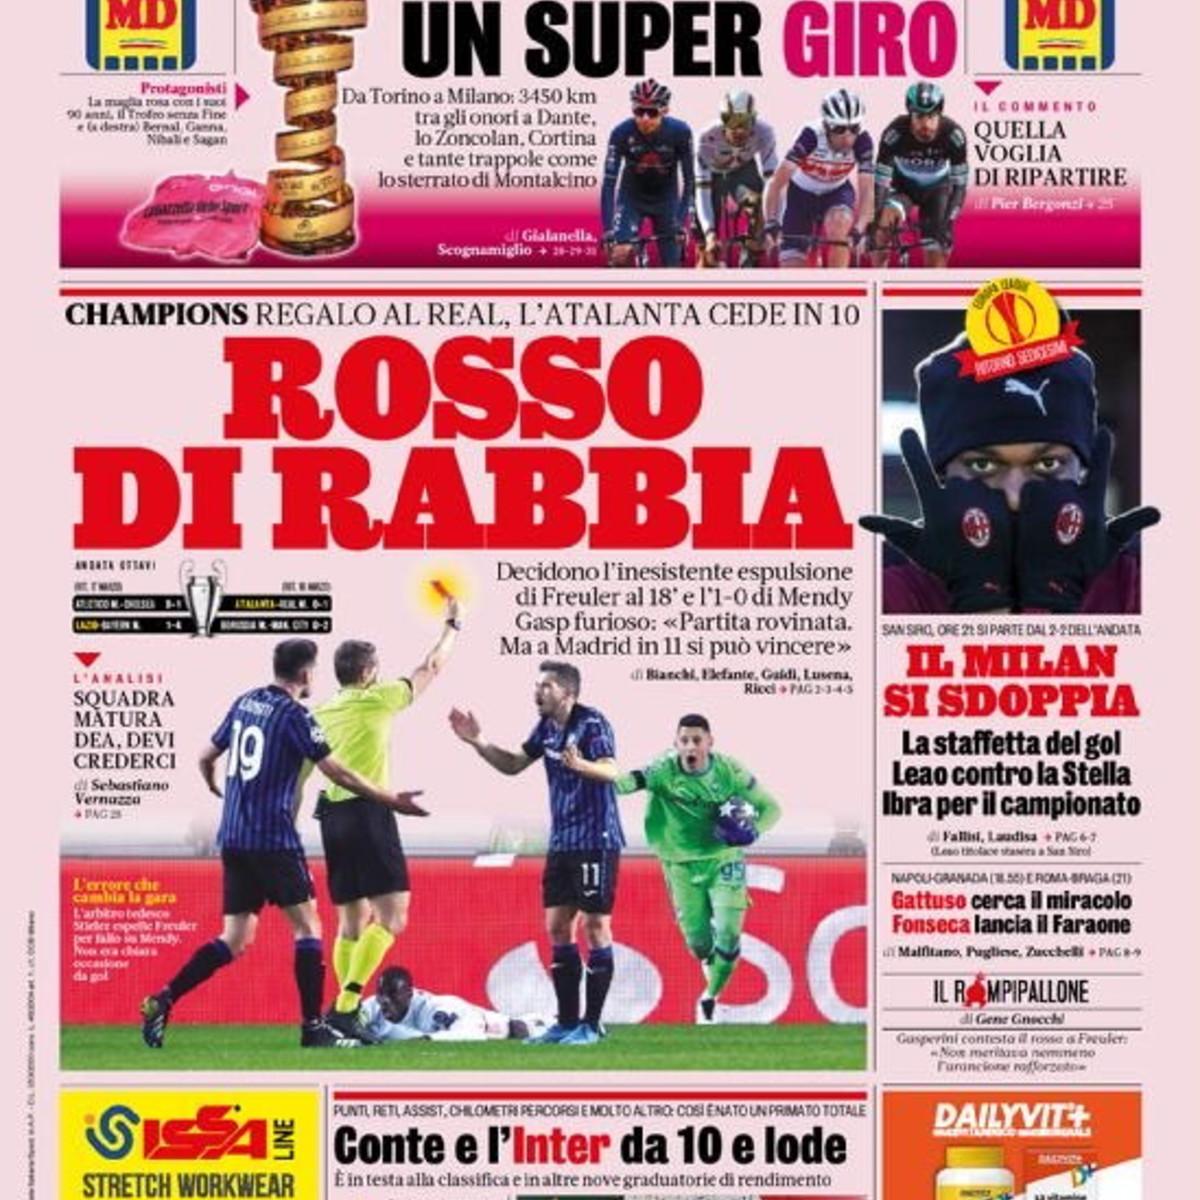 Lo sport sui giornali: la nostra rassegna